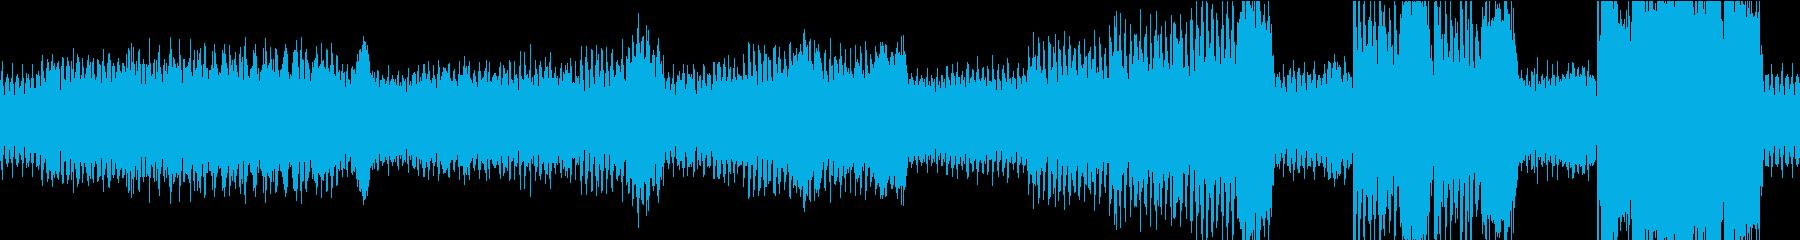 ワクワクしてくるBGM2 ループ版の再生済みの波形